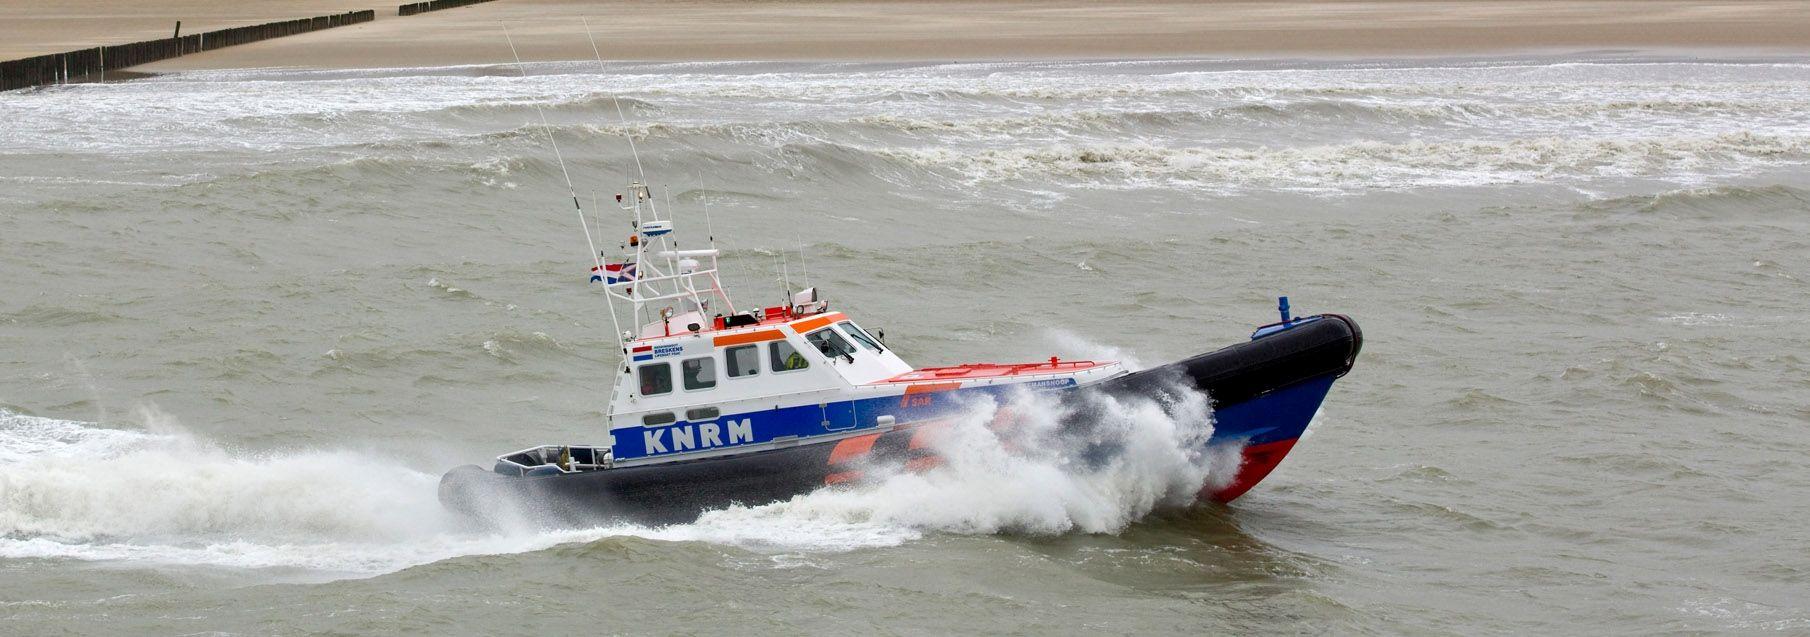 Reddingboot Zeemanshoop | Fotograaf: Flying Focus